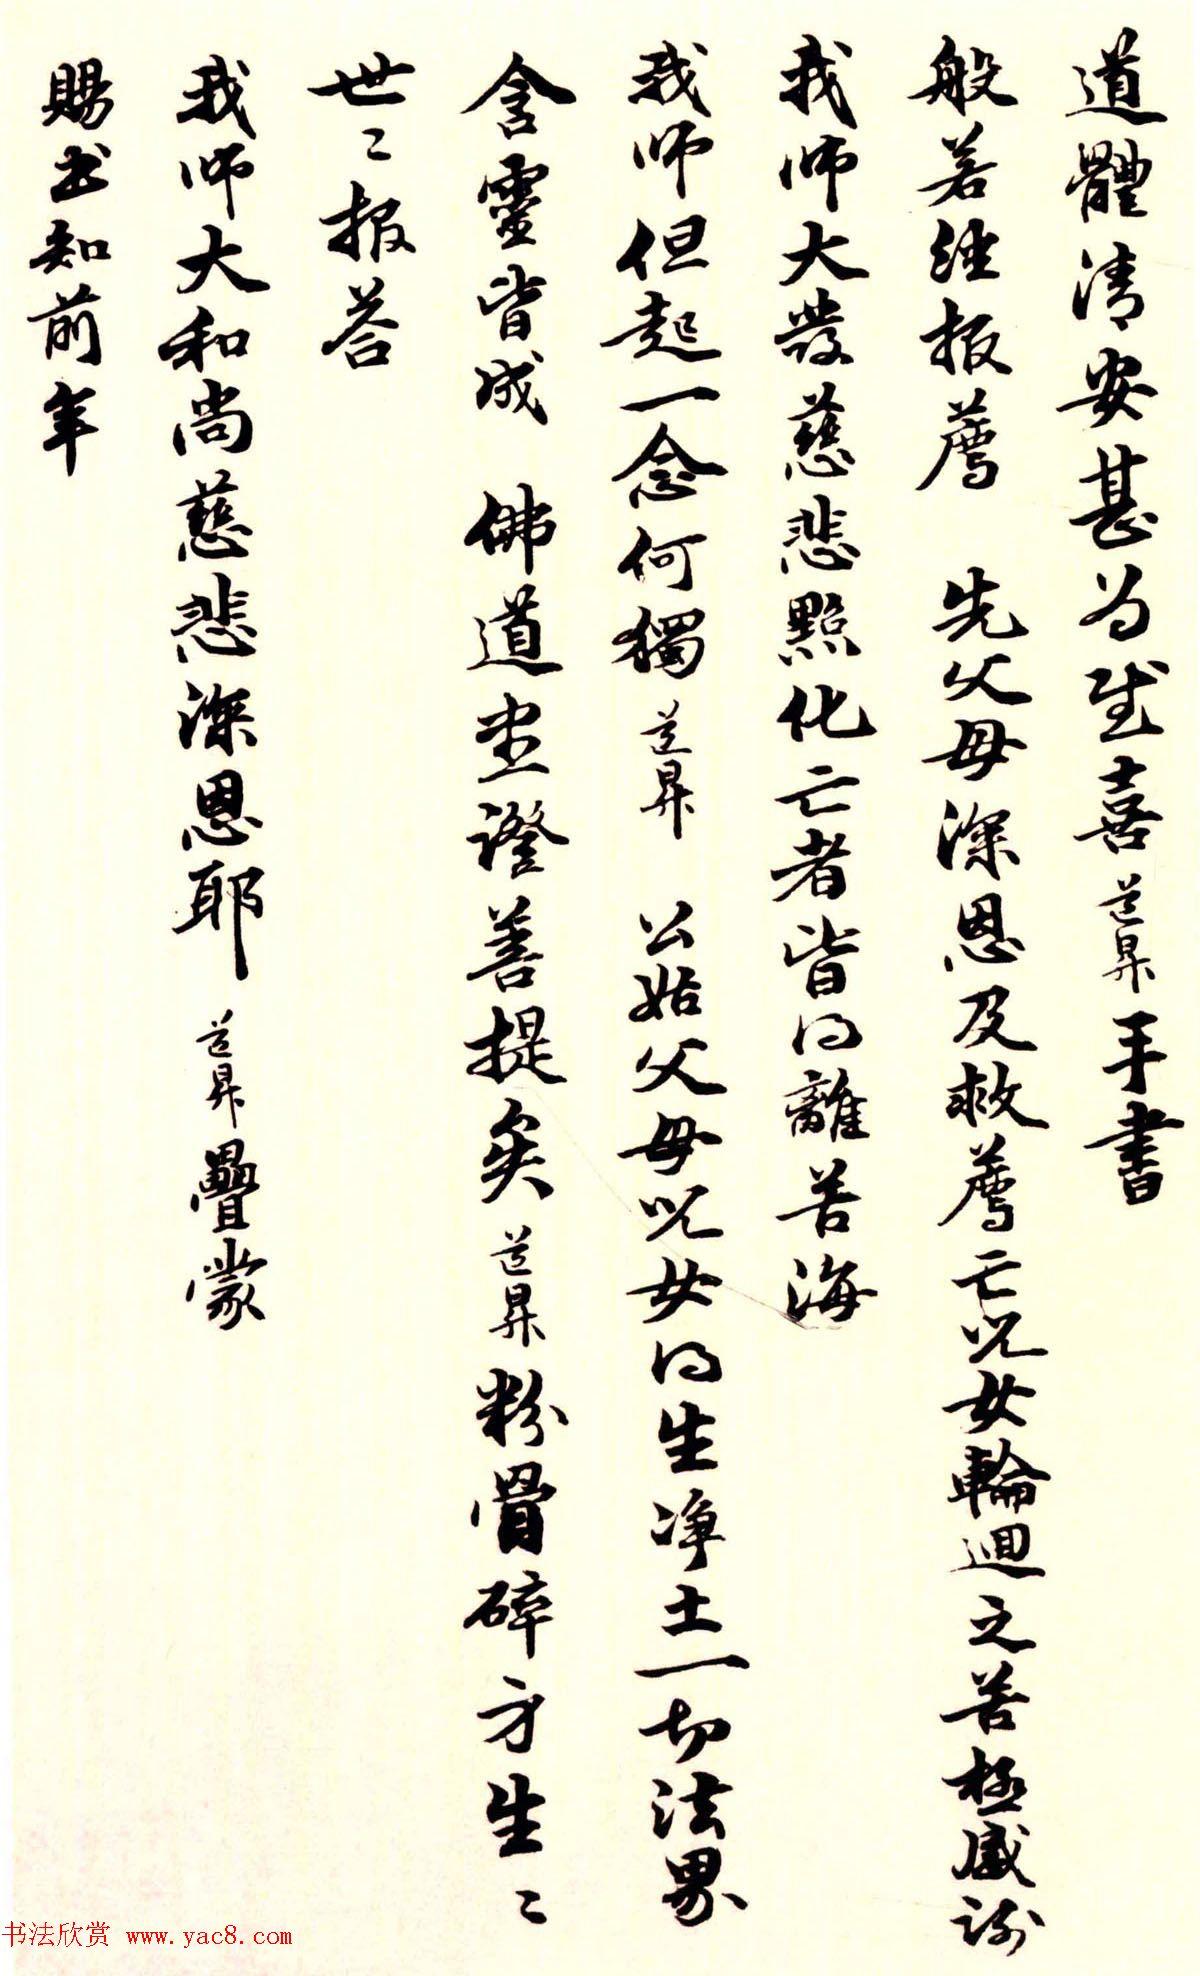 赵孟頫妻子管道升书法欣赏《致中峰和尚札》